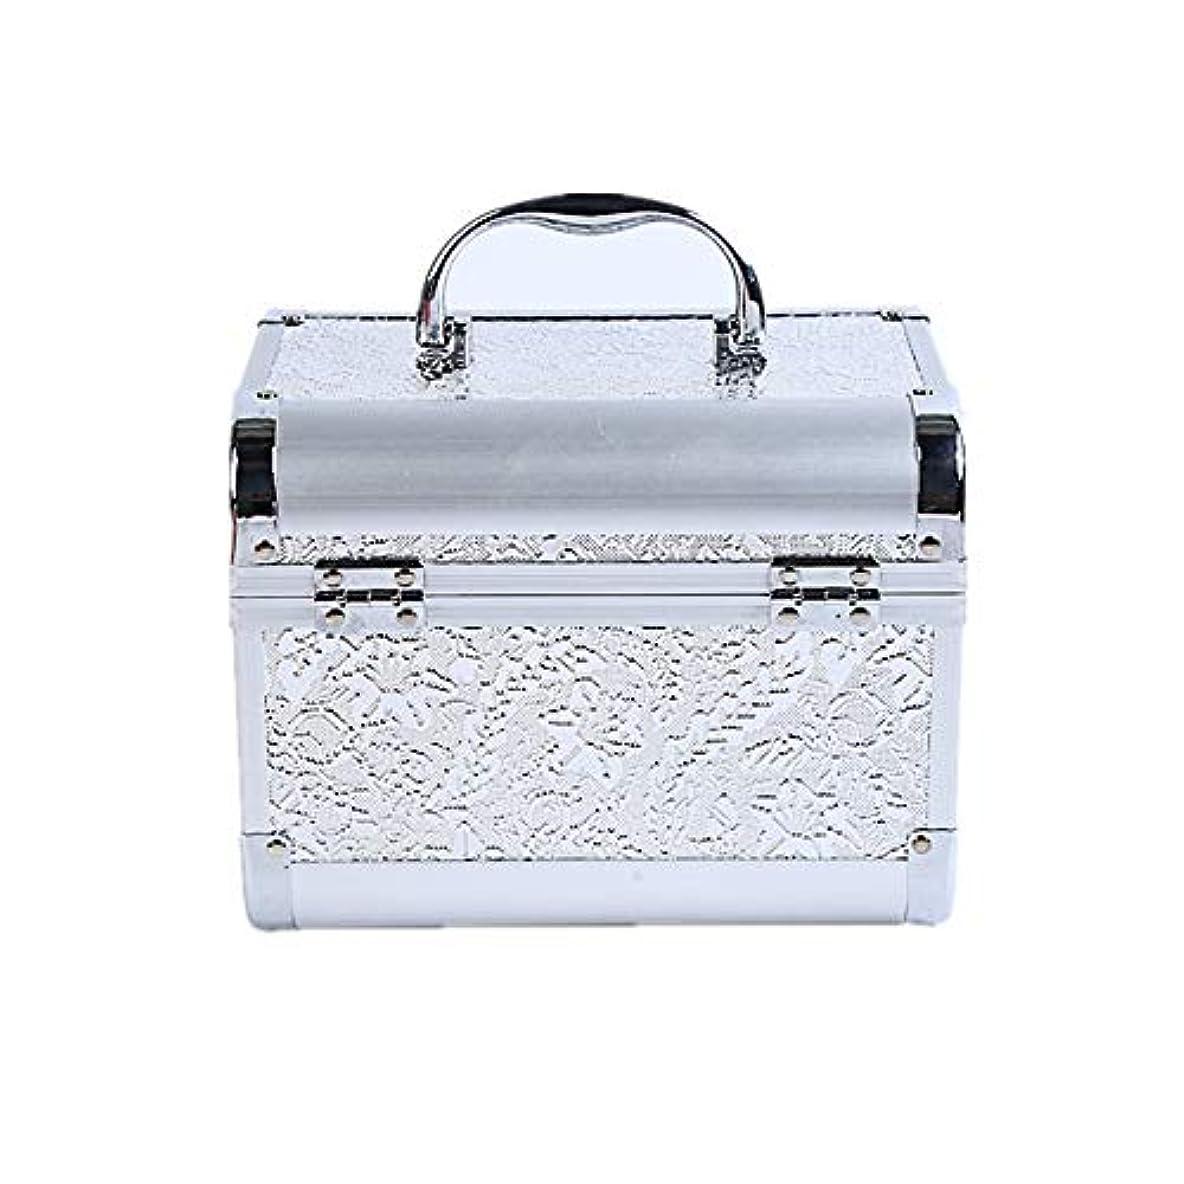 消毒剤昇る放置化粧オーガナイザーバッグ コード化されたロックと化粧鏡で小さなものの種類の旅行のための美容メイクアップのための白い化粧ケース 化粧品ケース